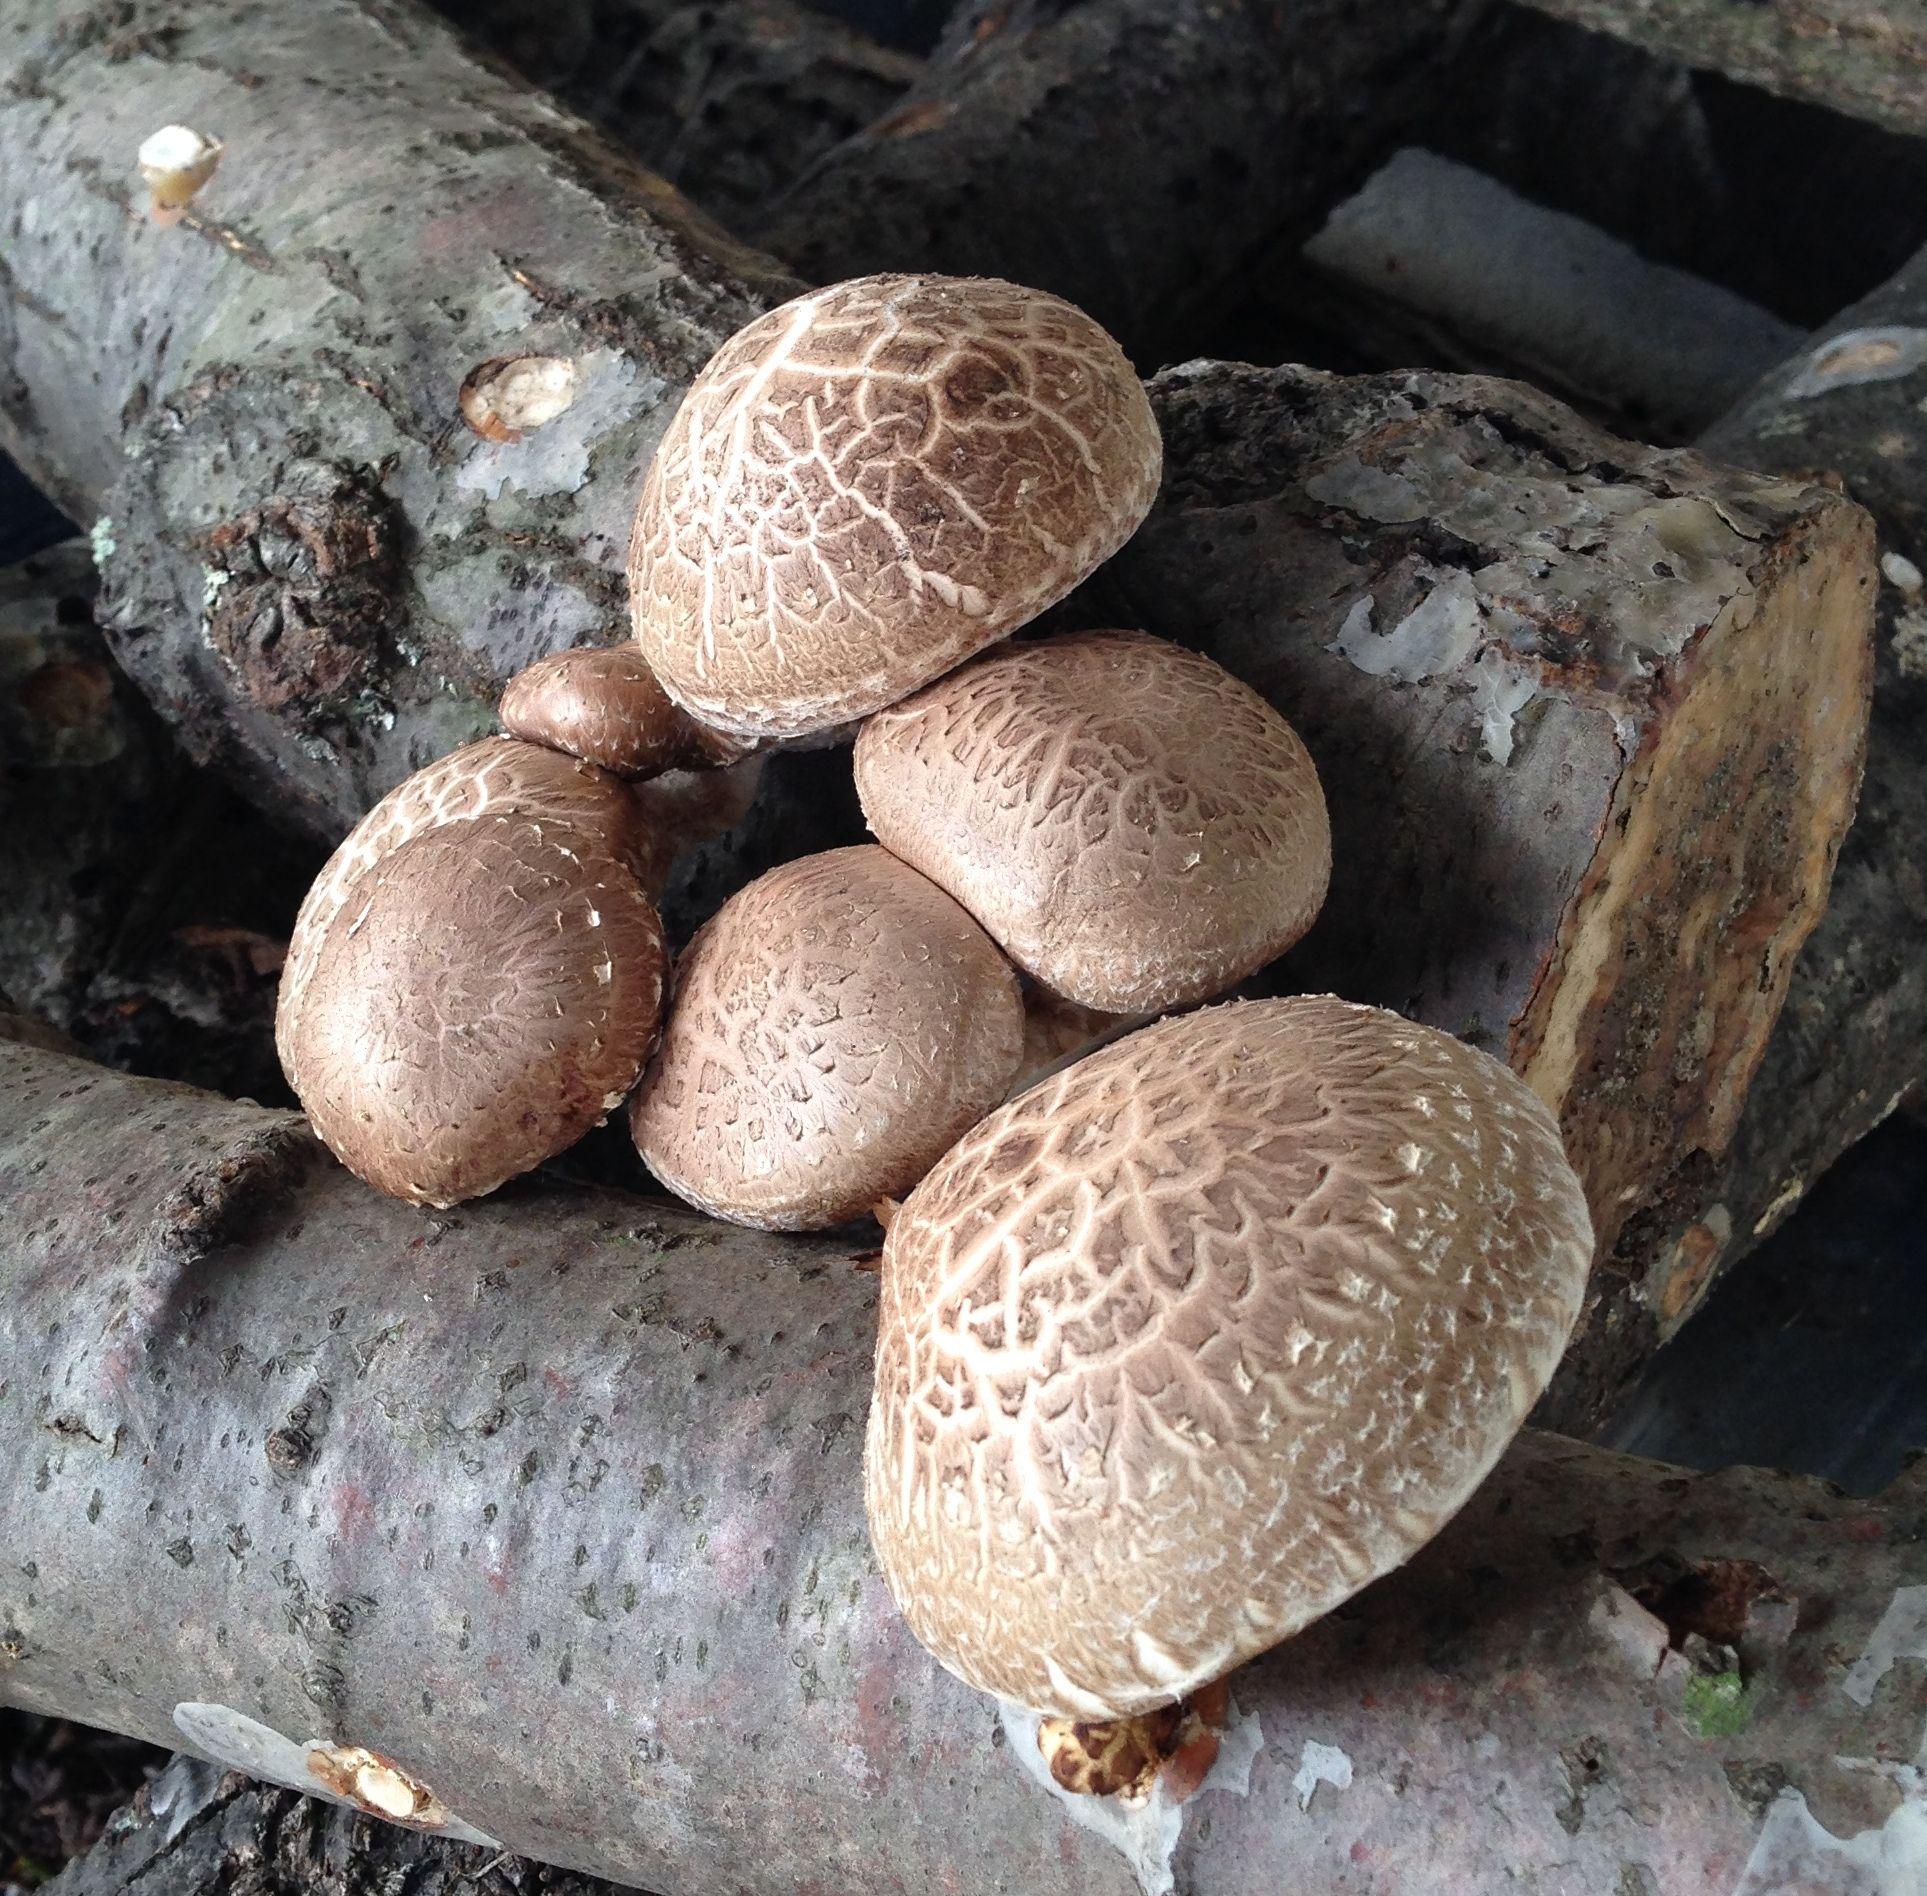 Shiitake mushrooms growing on Shiitake logs at Perona